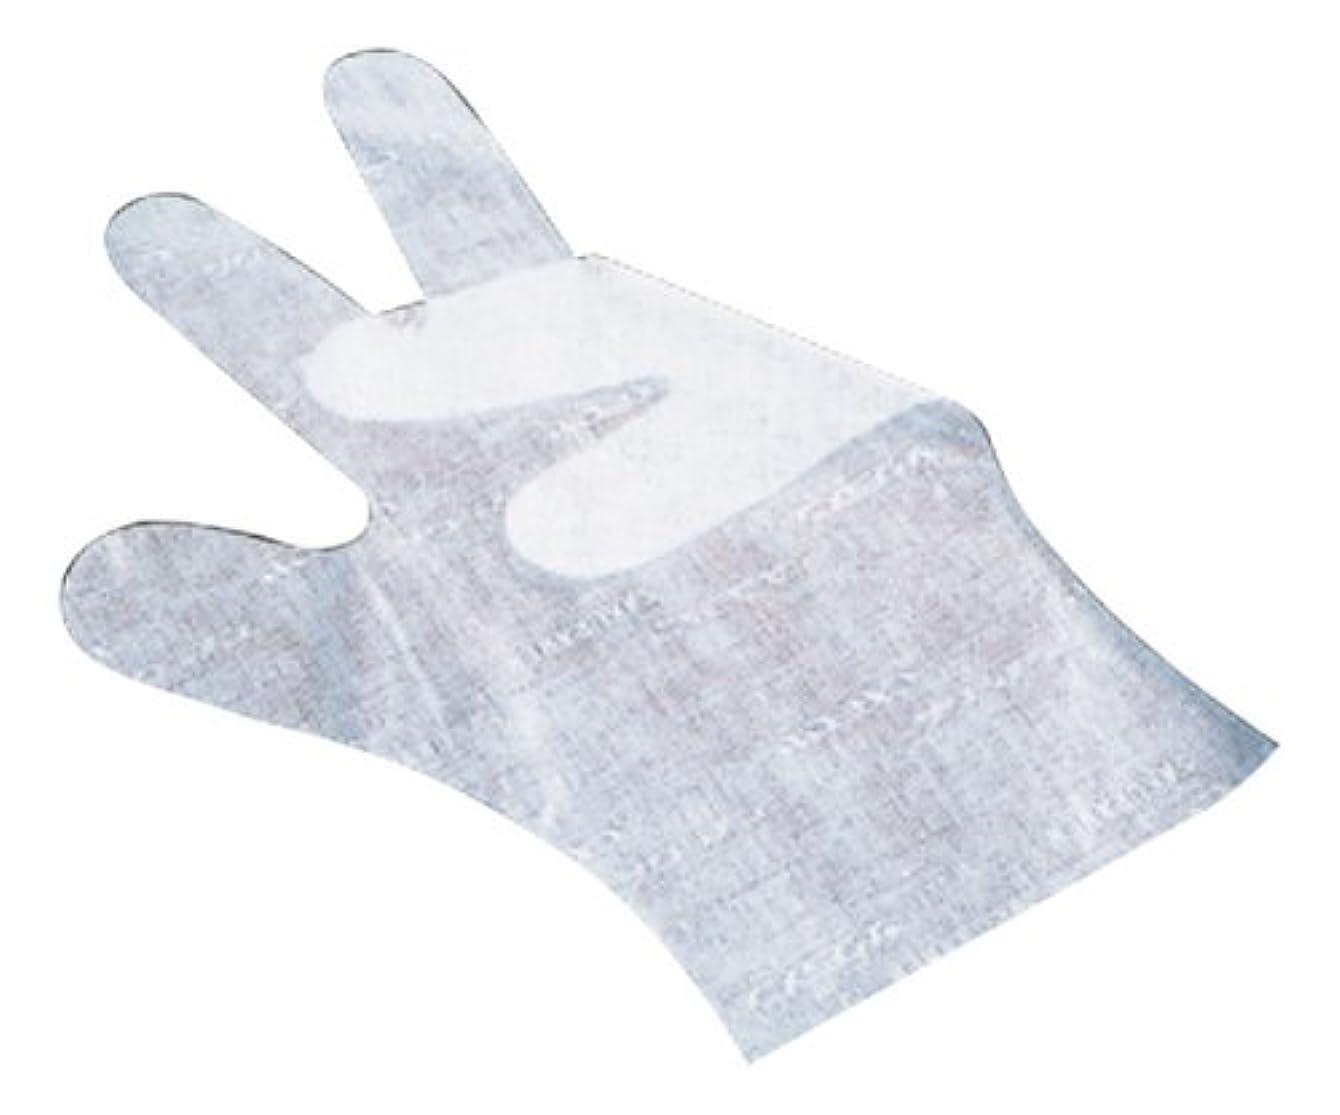 自然後ろに上昇サクラメン手袋 デラックス(100枚入)L ホワイト 35μ